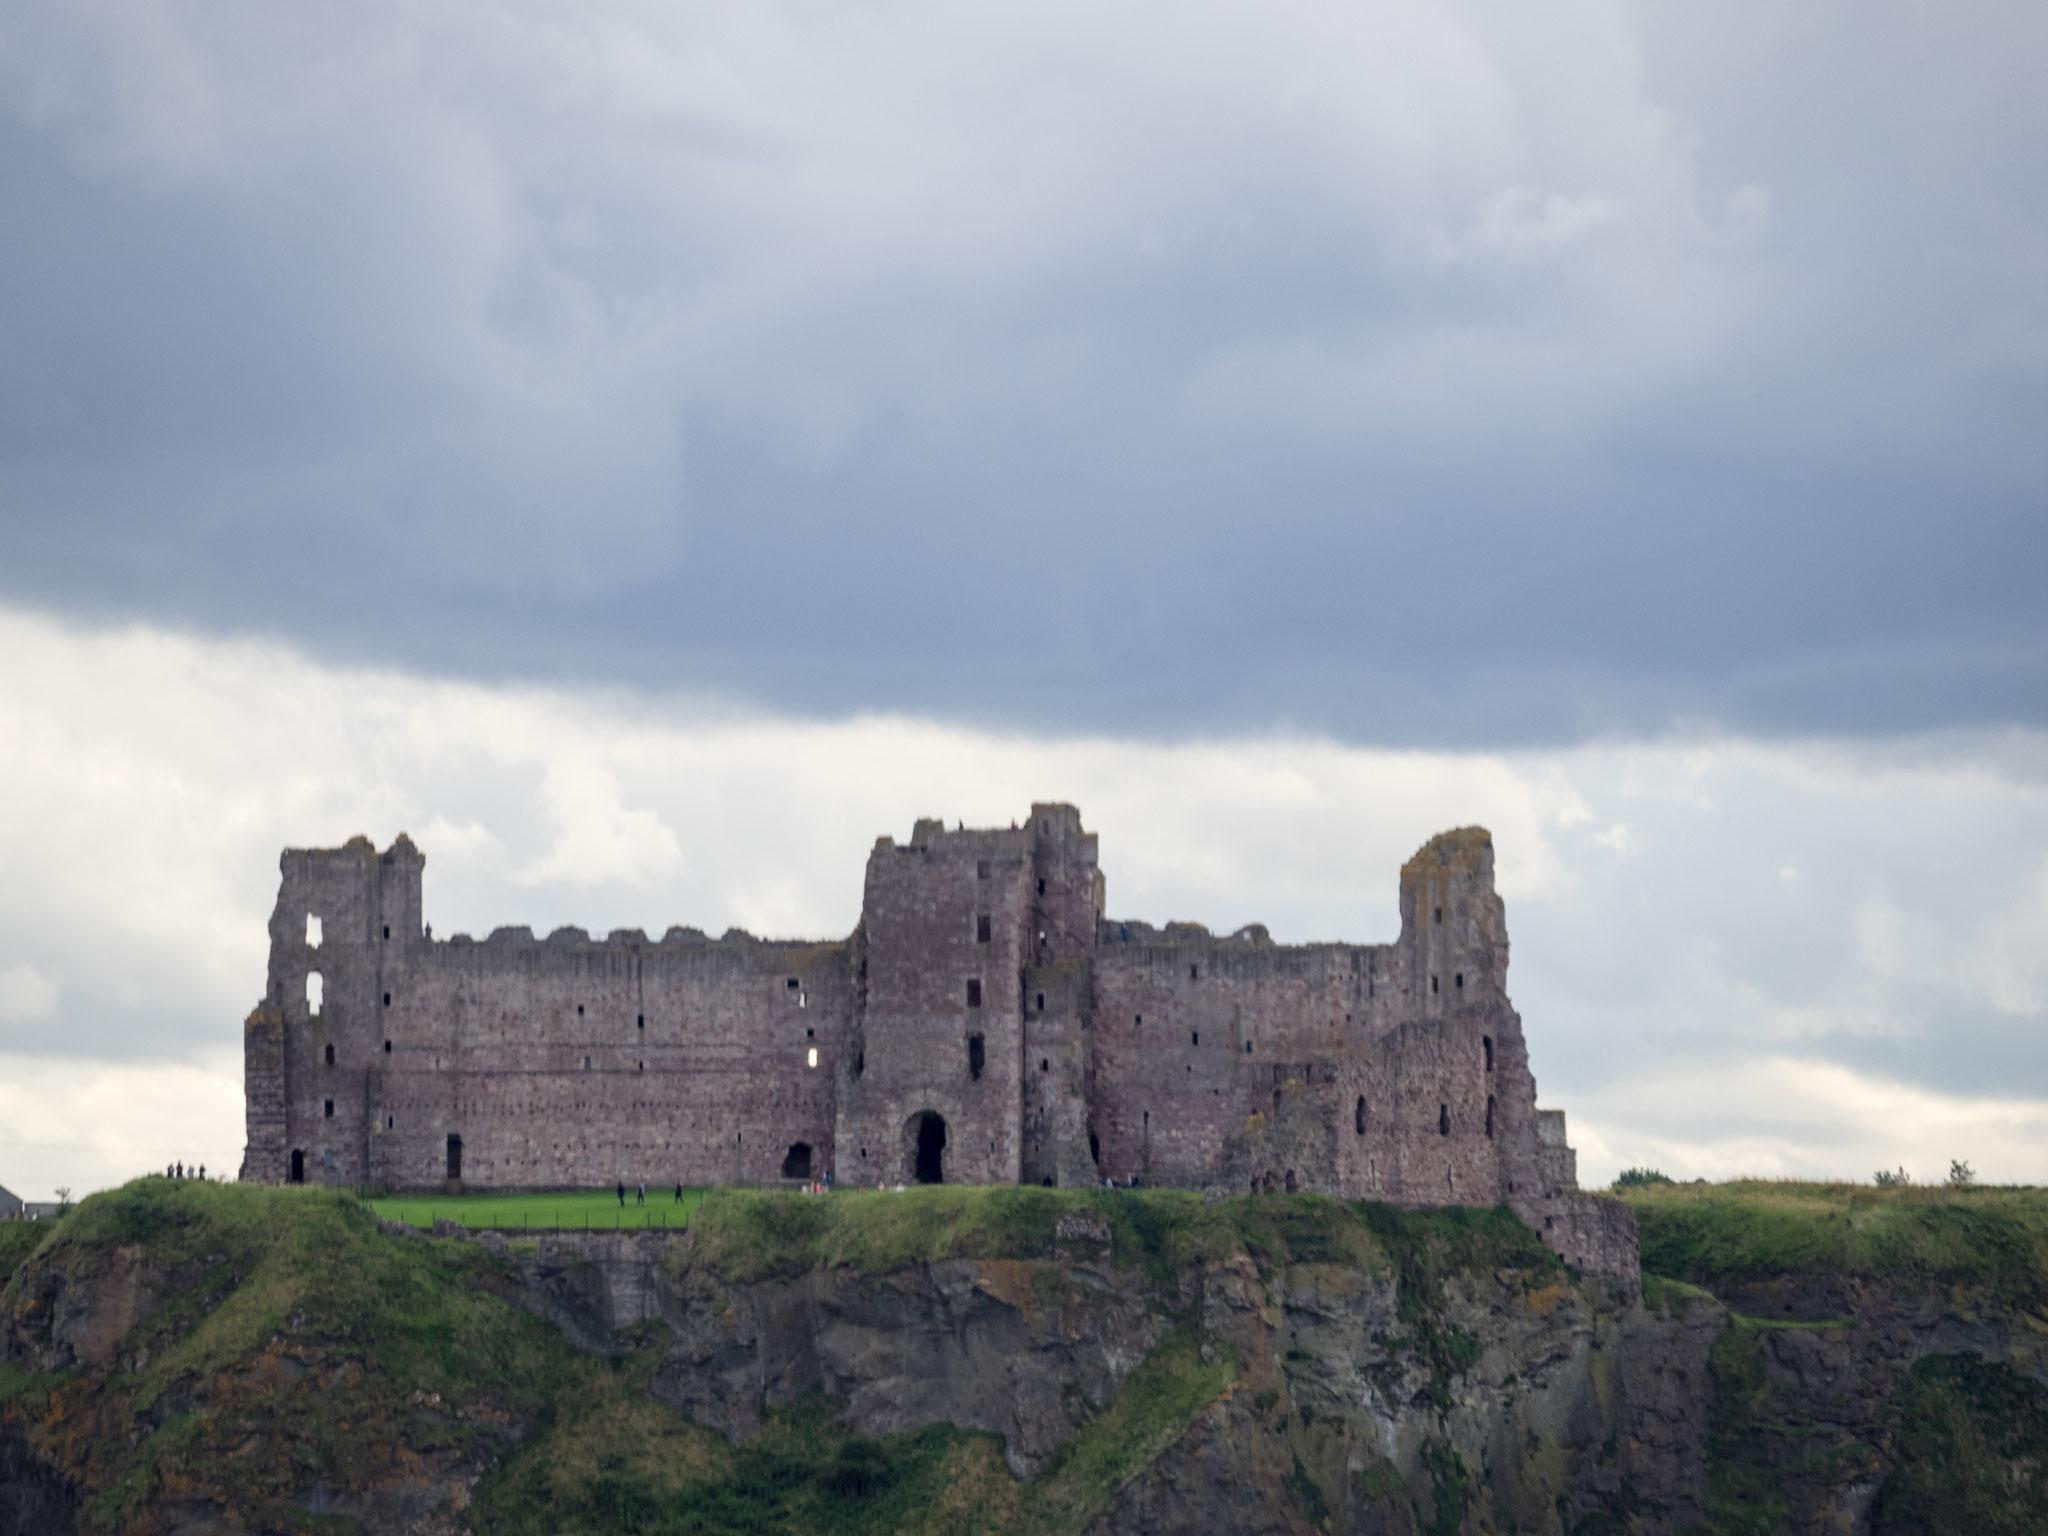 Bild: Tantalon Castle vom Meer aus gesehen